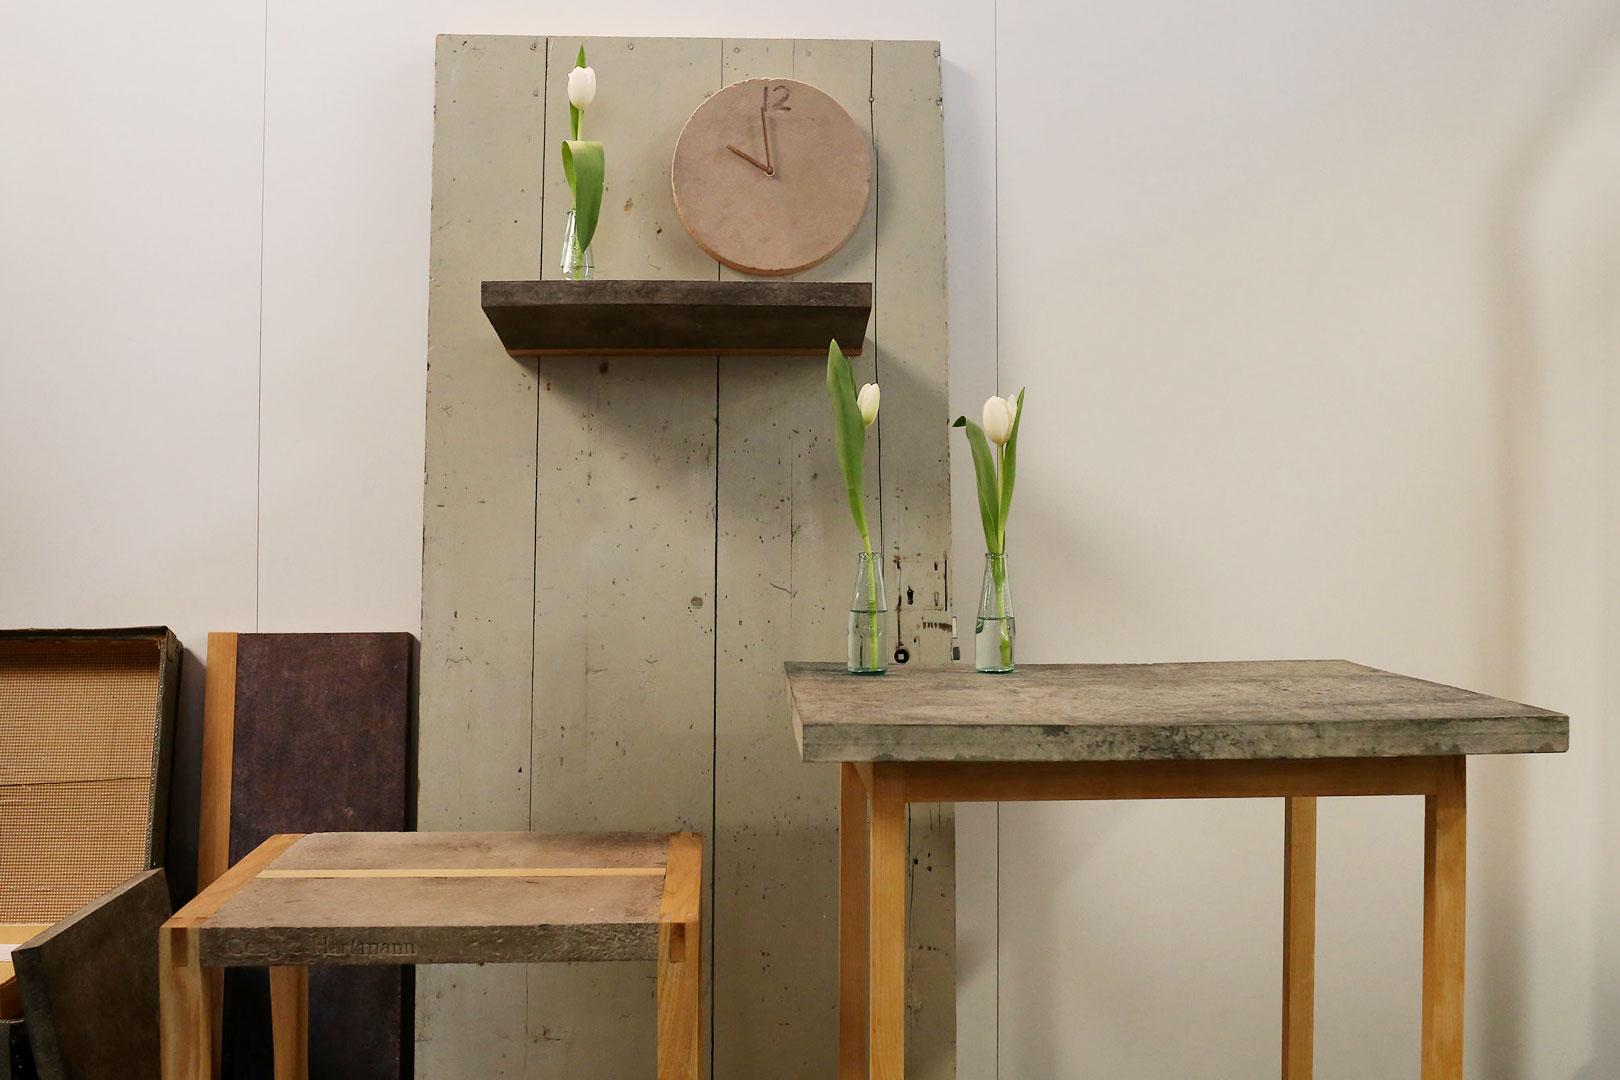 Möbel aus Papier von Cenzig Hartmann